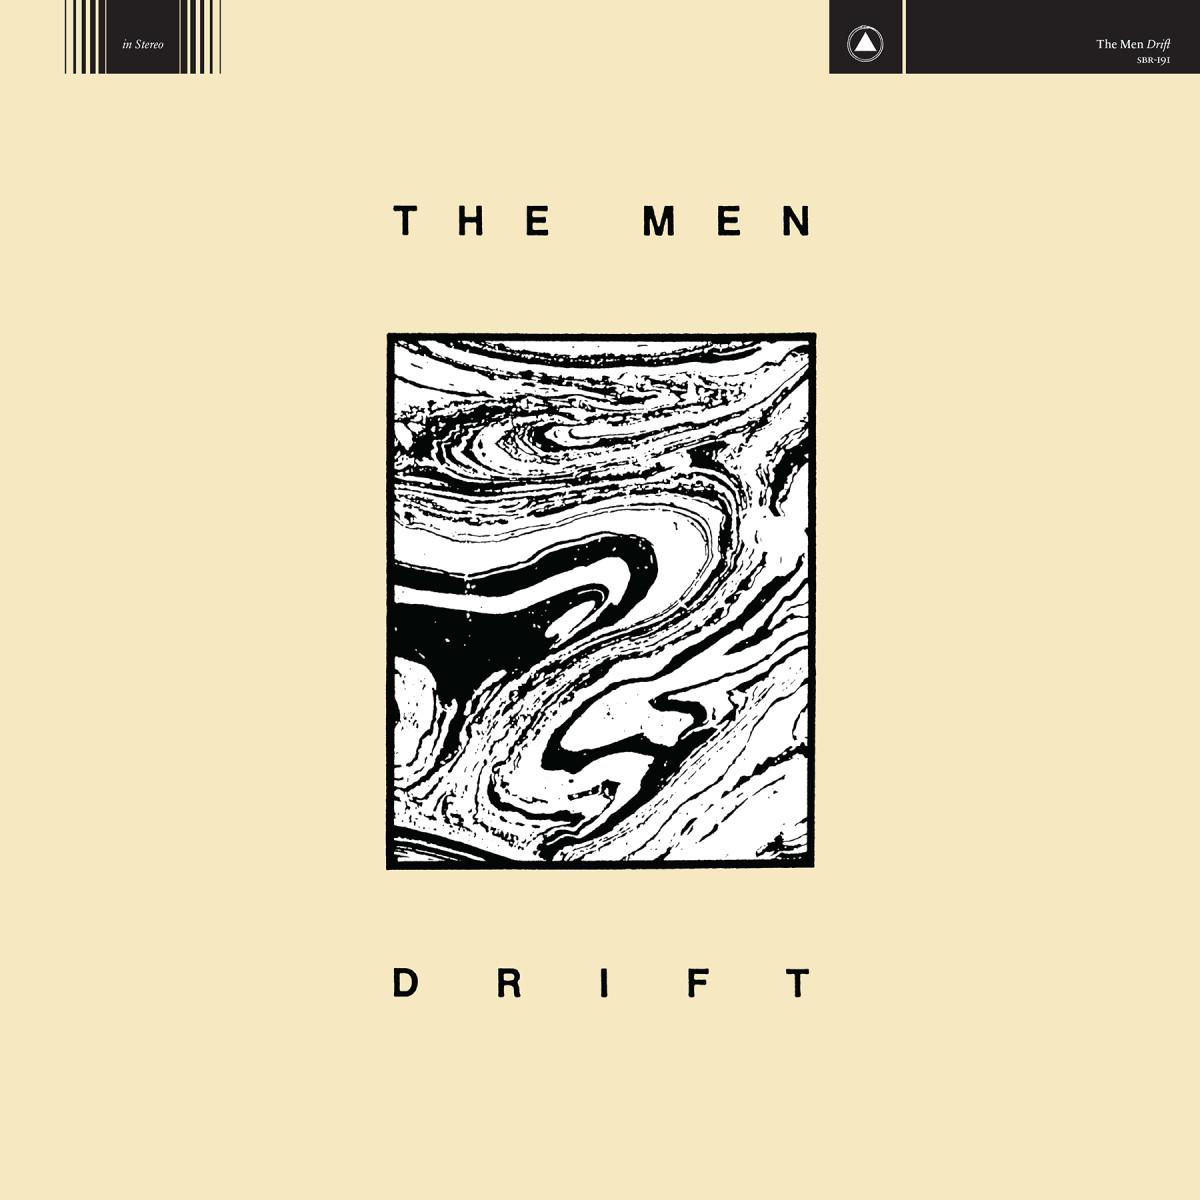 The Men new album Drift